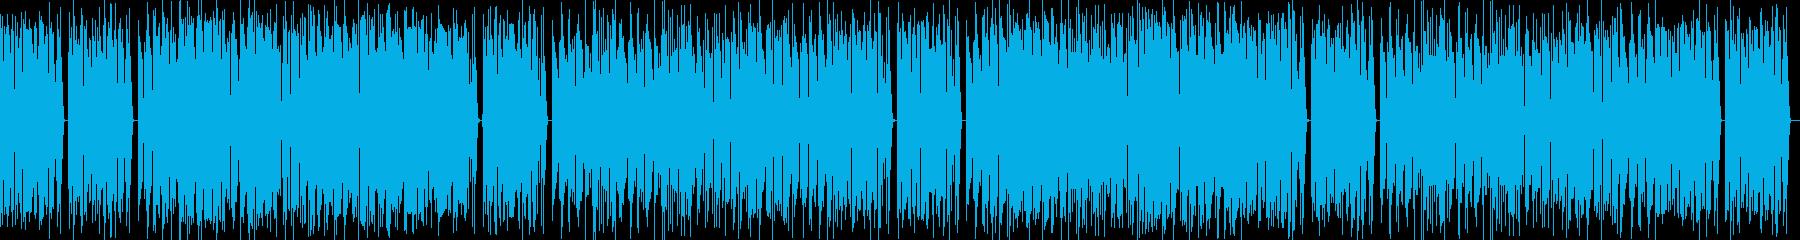 陽気で熱いラテンリズムのコミカルサウンドの再生済みの波形